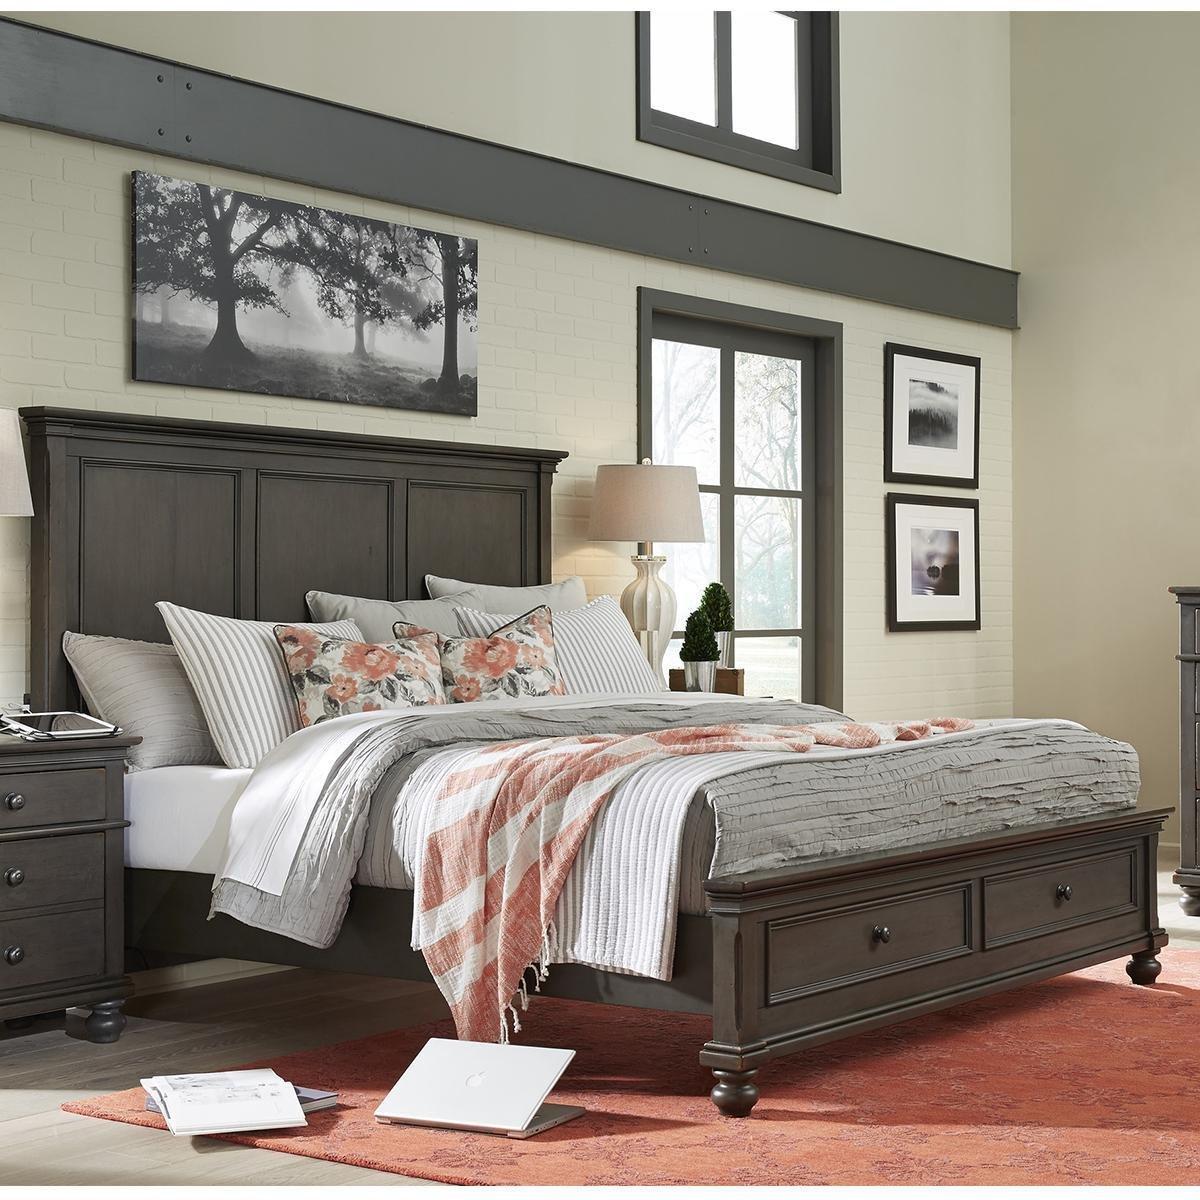 Nebraska Furniture Mart Bedroom Set Unique Riva Ridge Oxford 4 Piece Queen Bedroom Set In Peppercorn